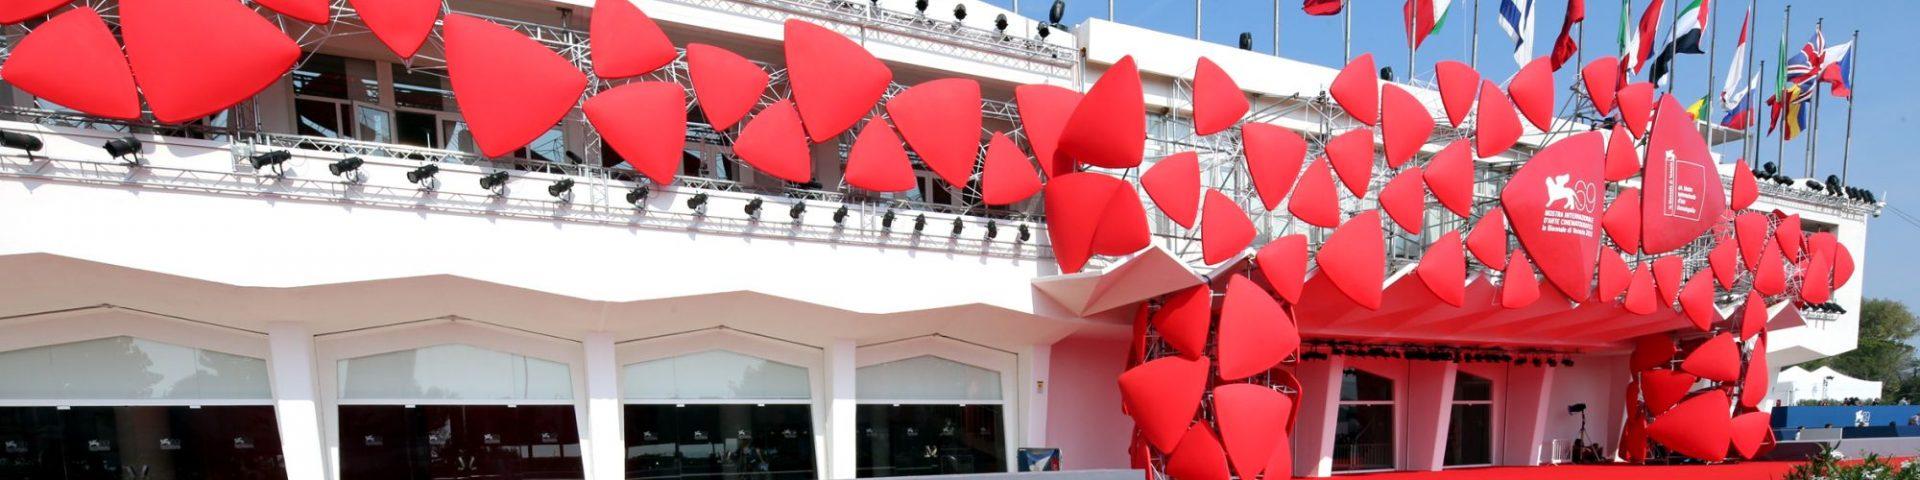 Venezia 75: tutti i dettagli sulla Mostra internazionale d'arte cinematografica